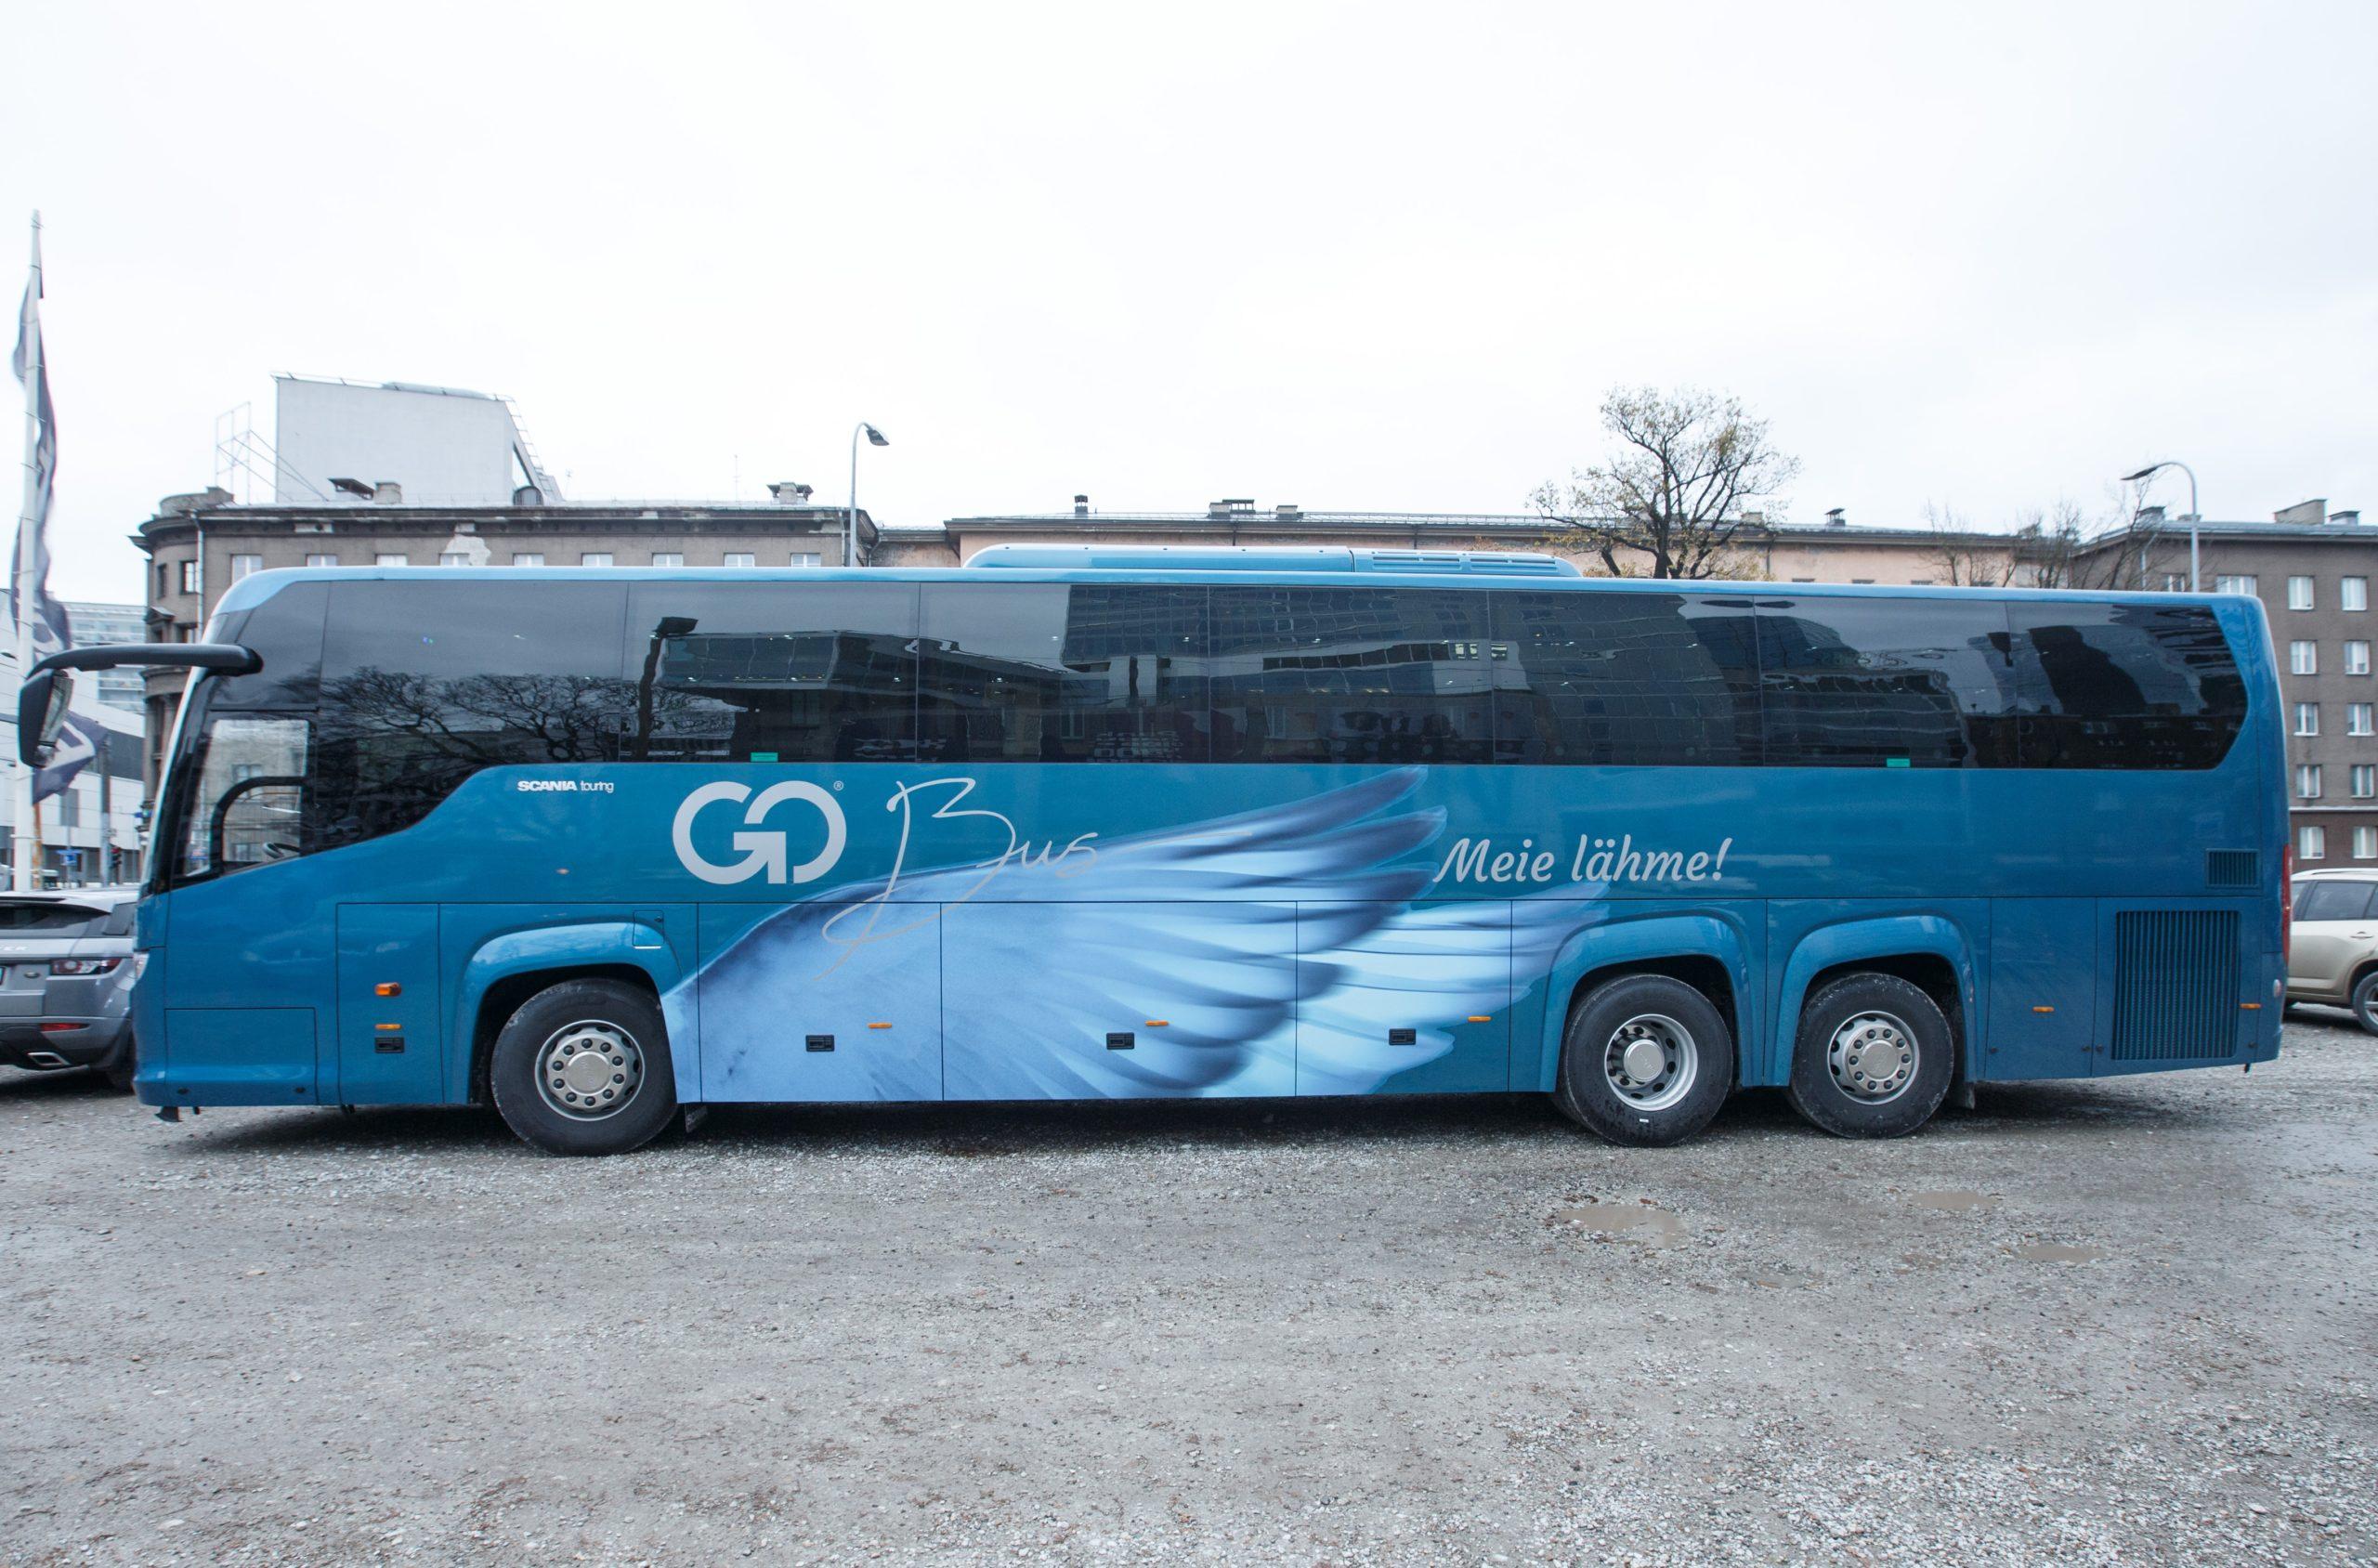 59ae7a40387 Tallinna ja Tartu vahel hakkavad sõitma uued ägedad bussid | Autogeenius